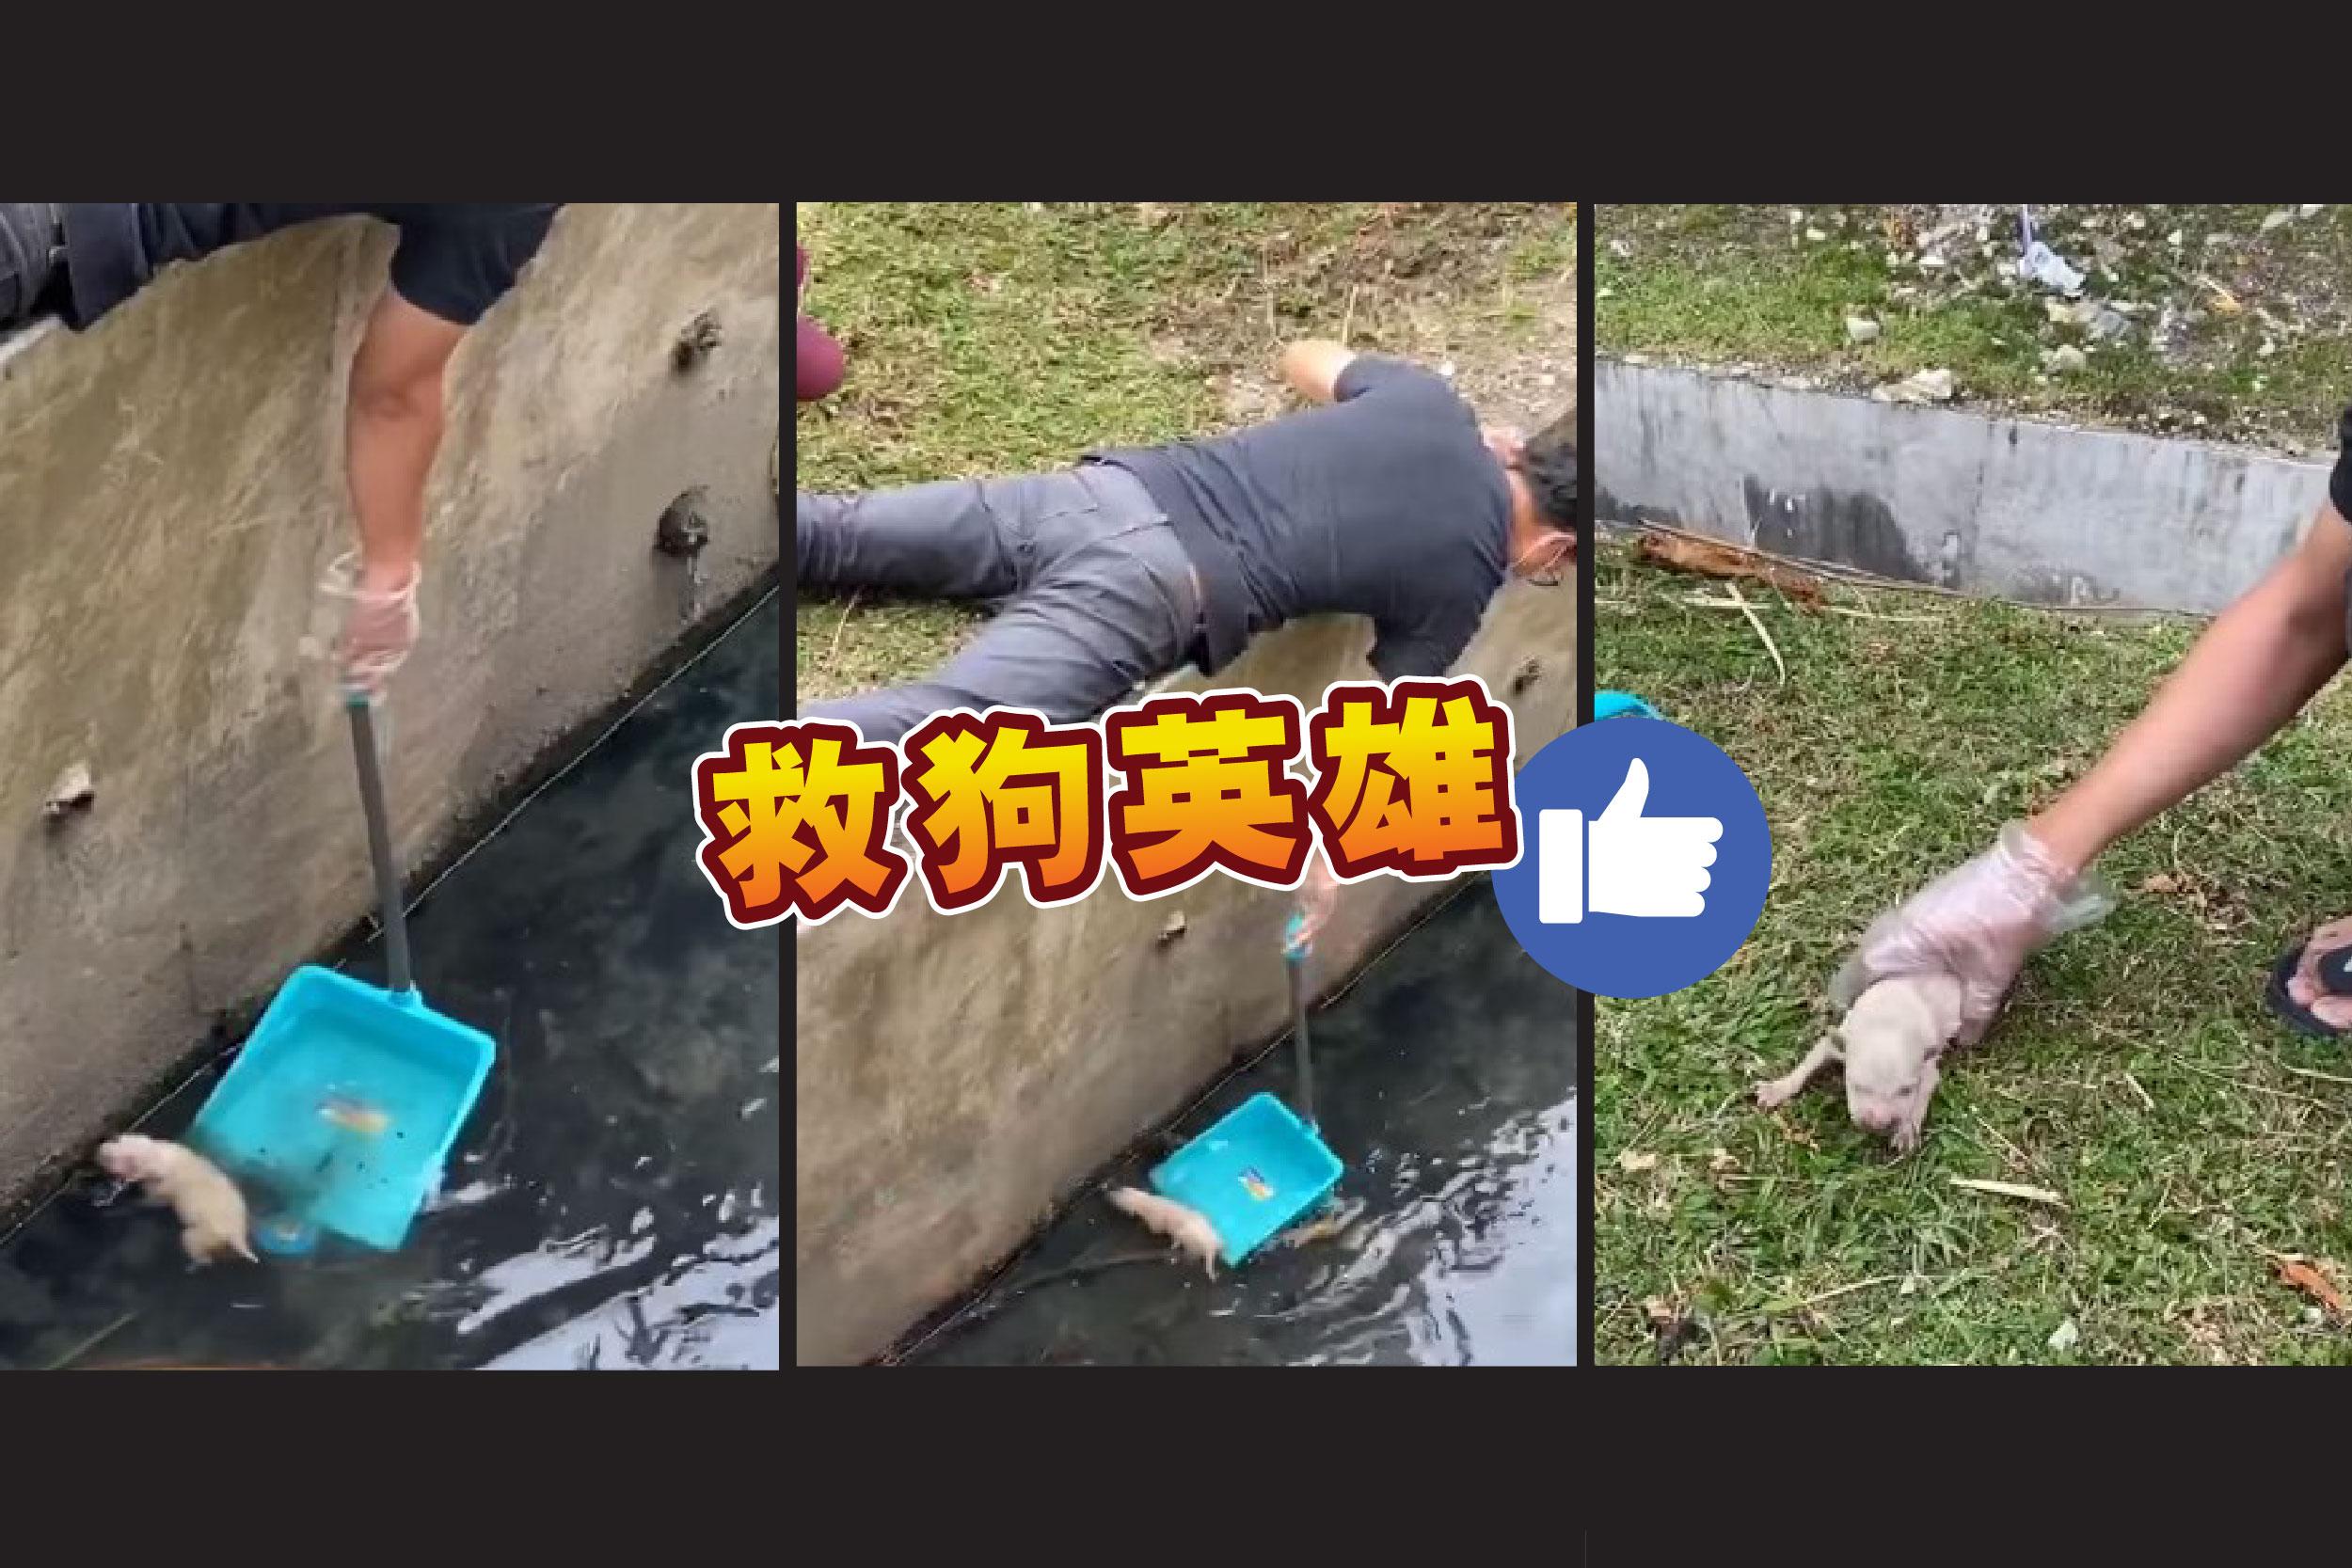 最近一名来自八打灵的马来男子,竭尽全力救出小狗的视频,获得不少网民赞扬。-视频截图,精彩大马制图-